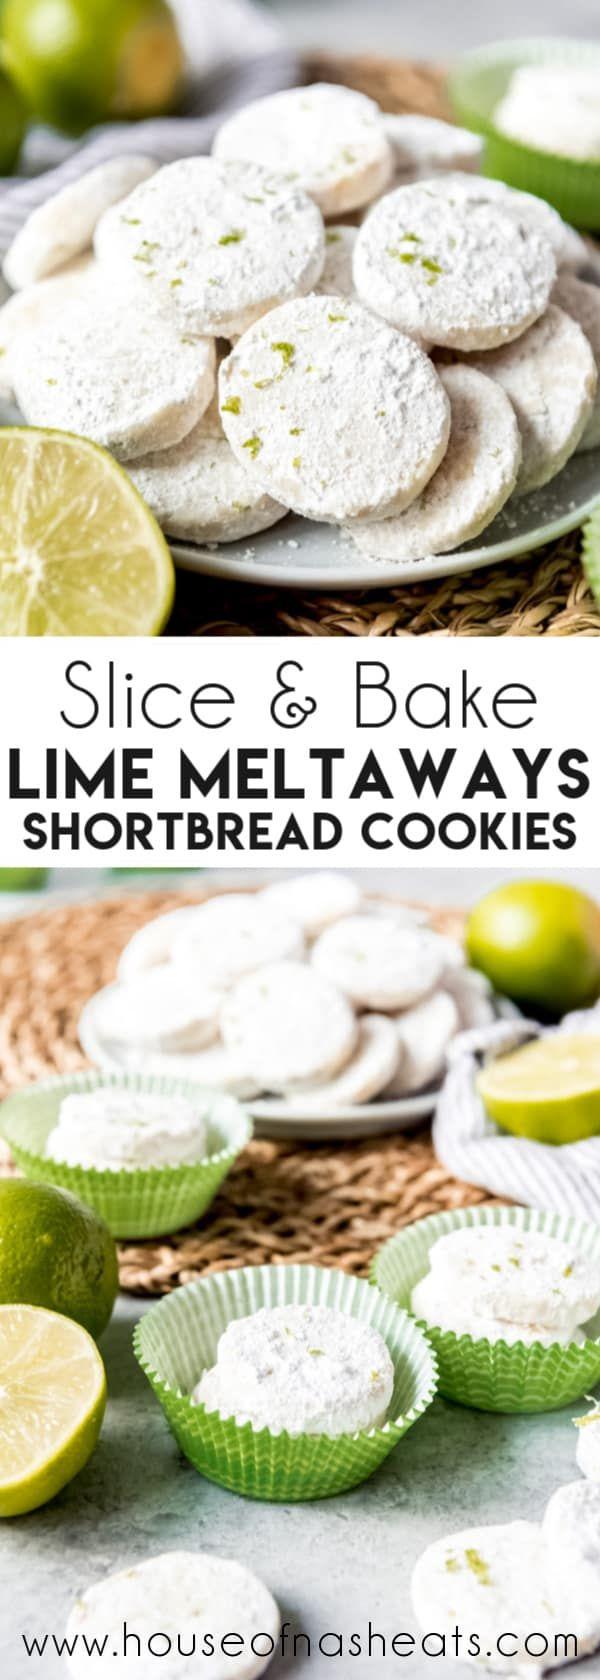 Lime Meltaway Shortbread Cookies